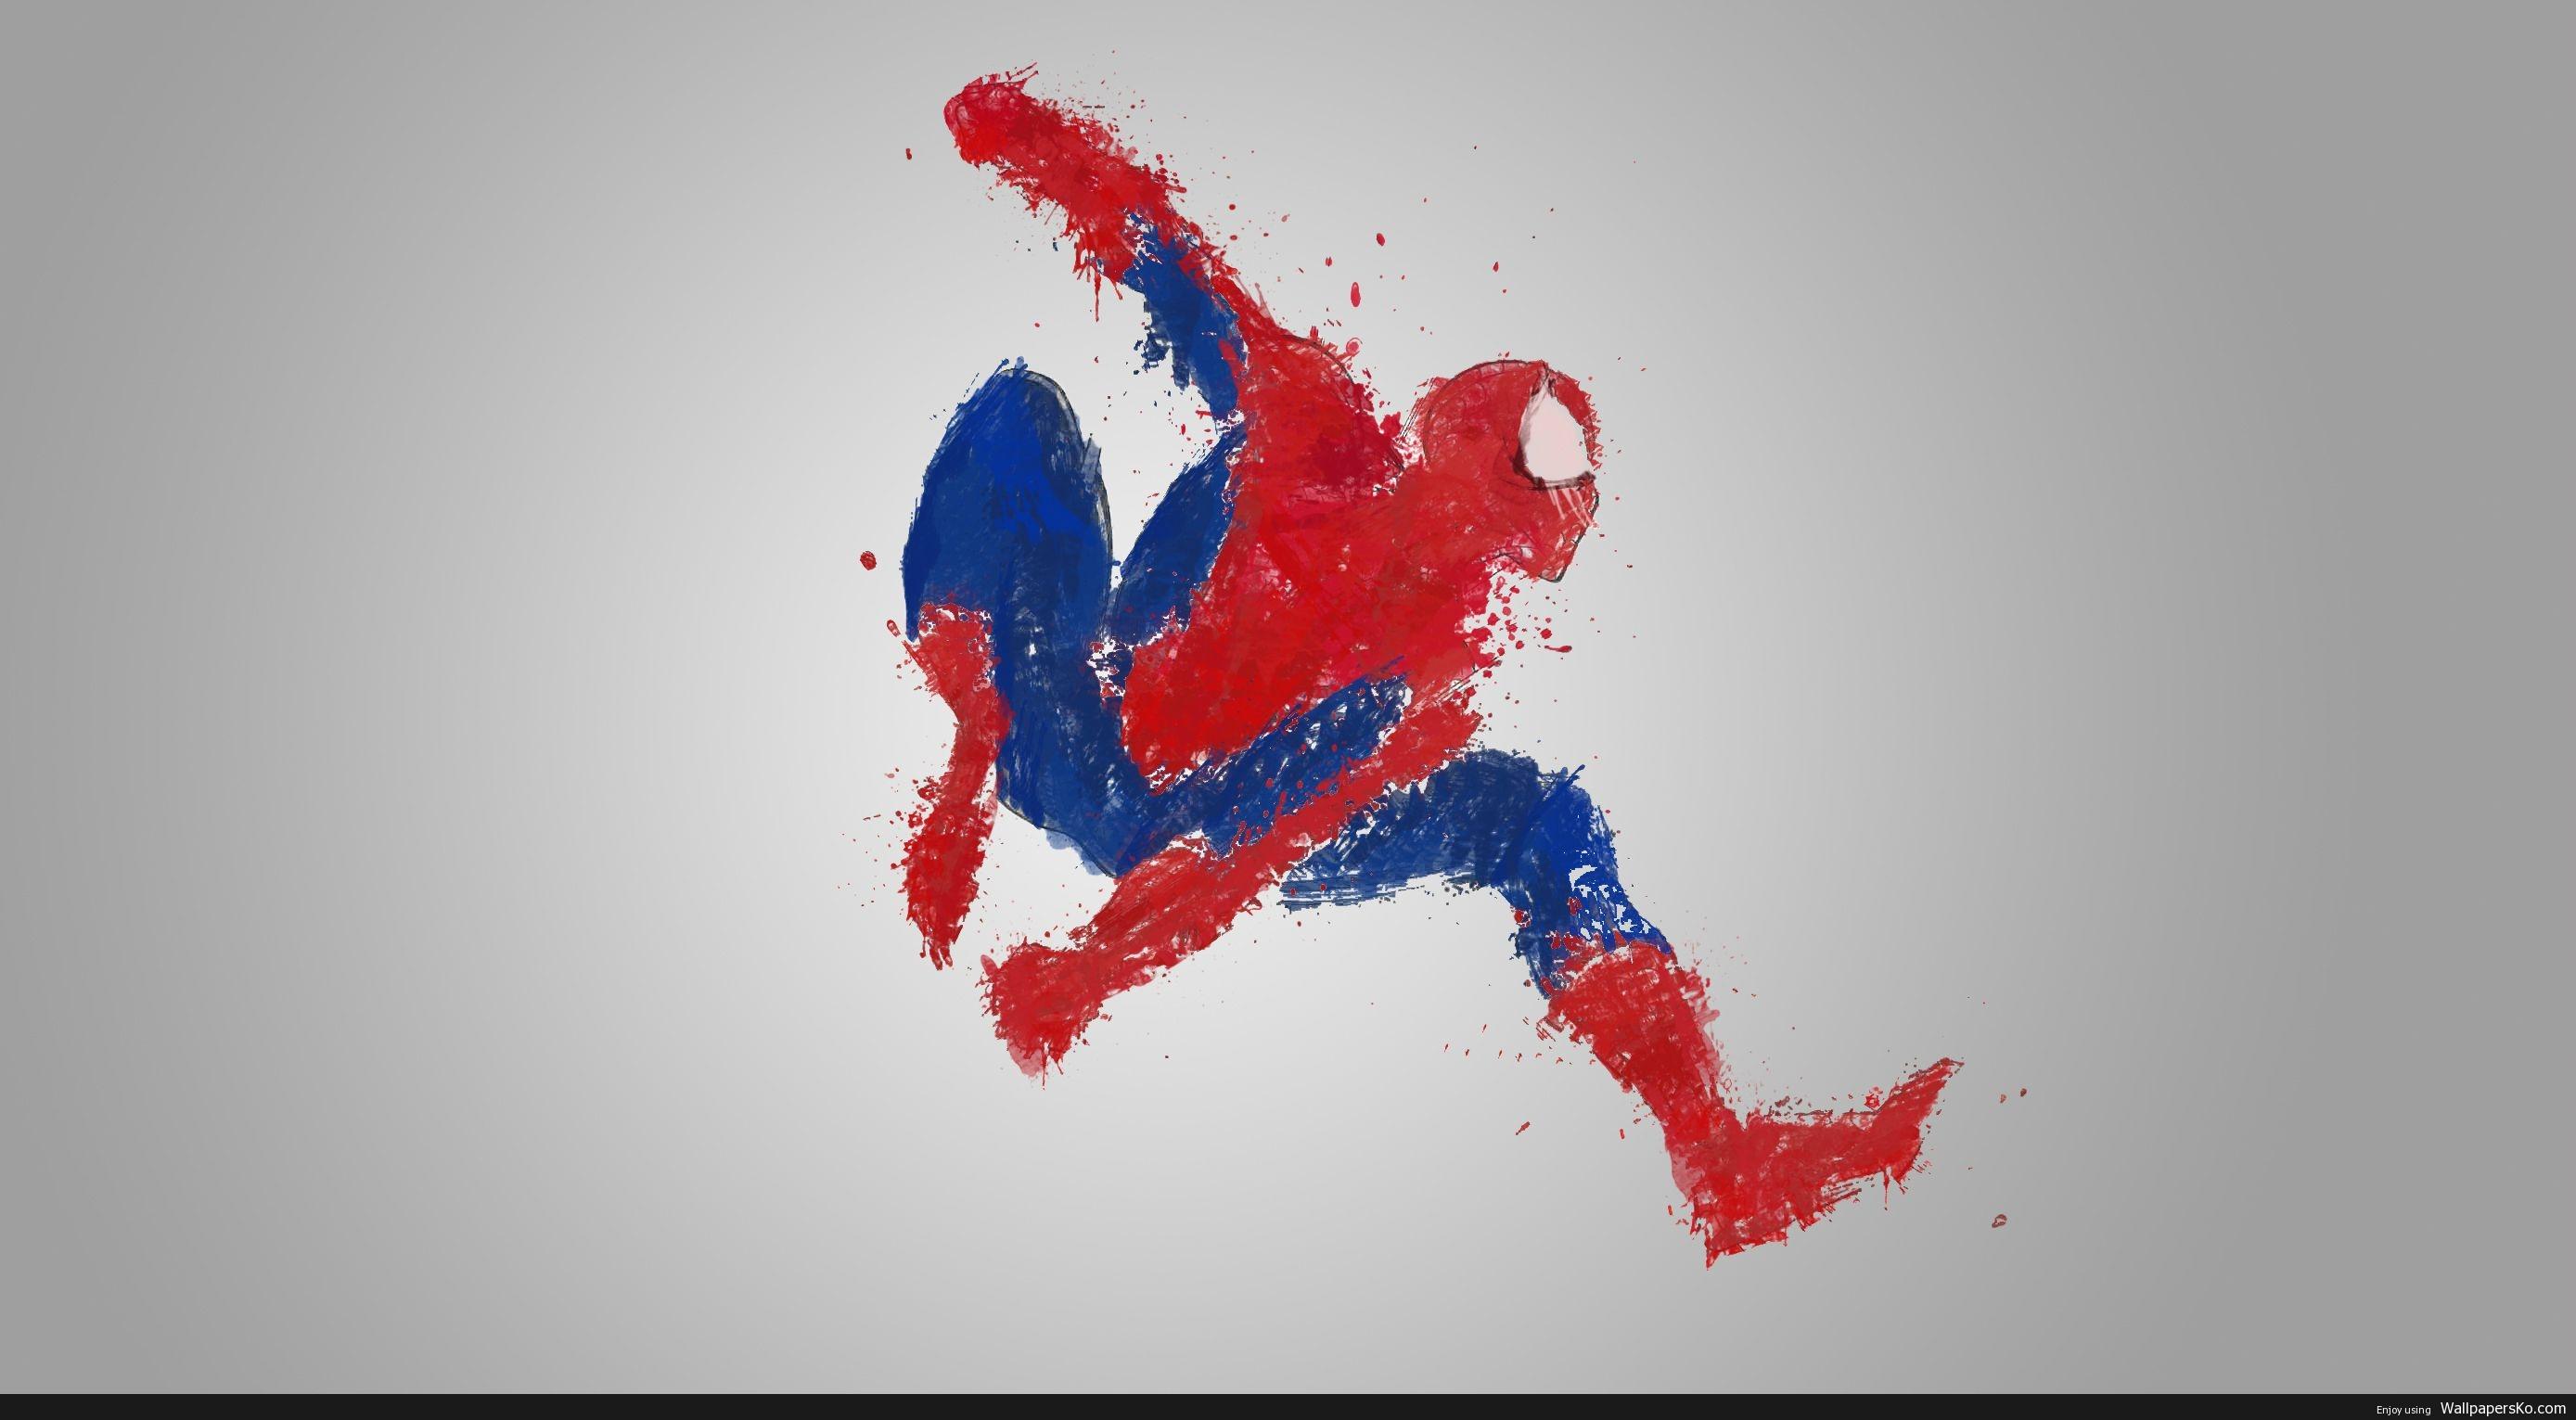 spiderman fan art wallpaper